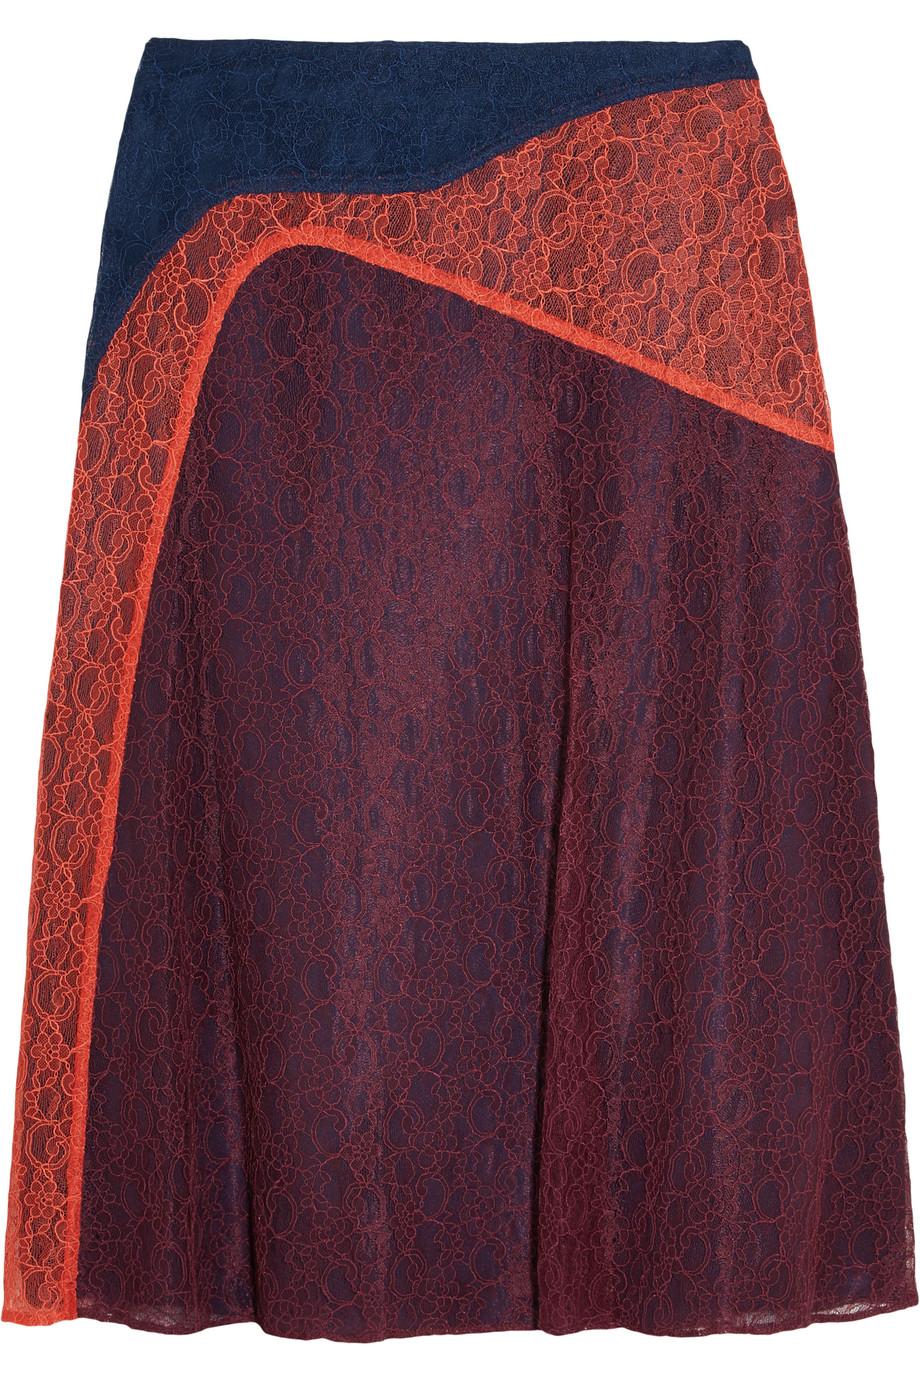 Tory Burch Kassia Paneled Lace Skirt, Size: 8